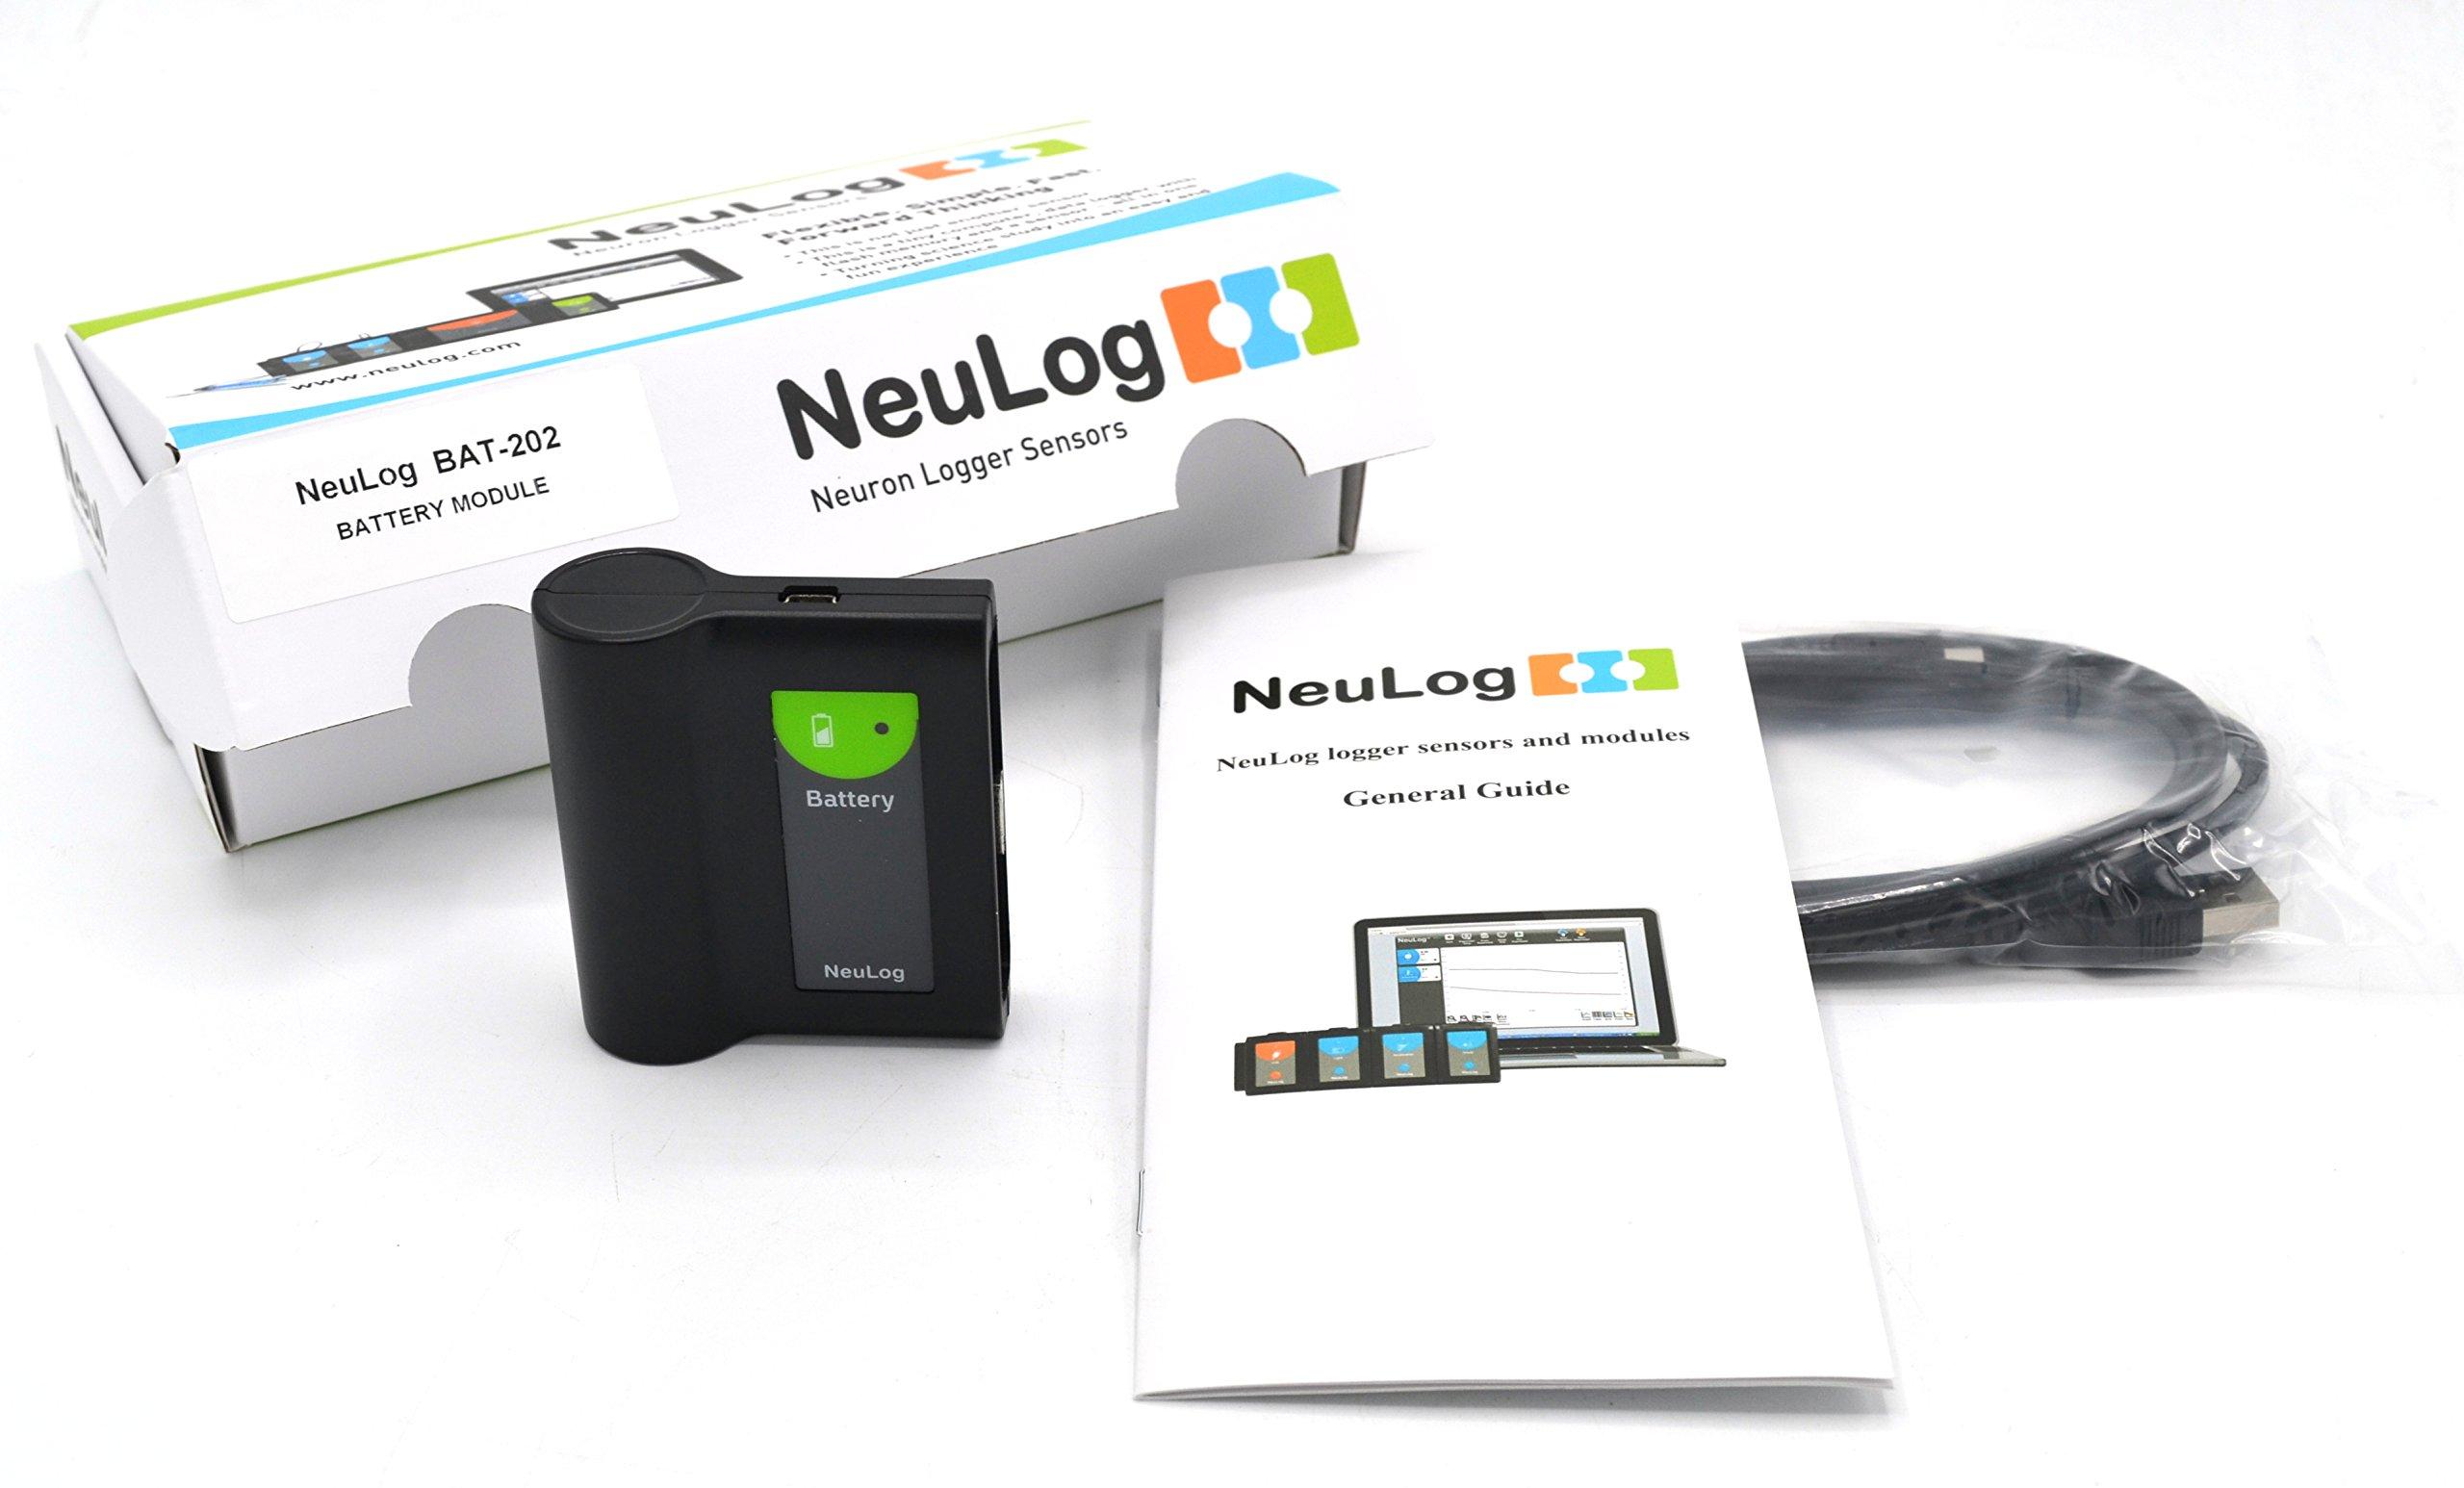 Neulog Triple Capacity Battery Unit - 2300 mAh